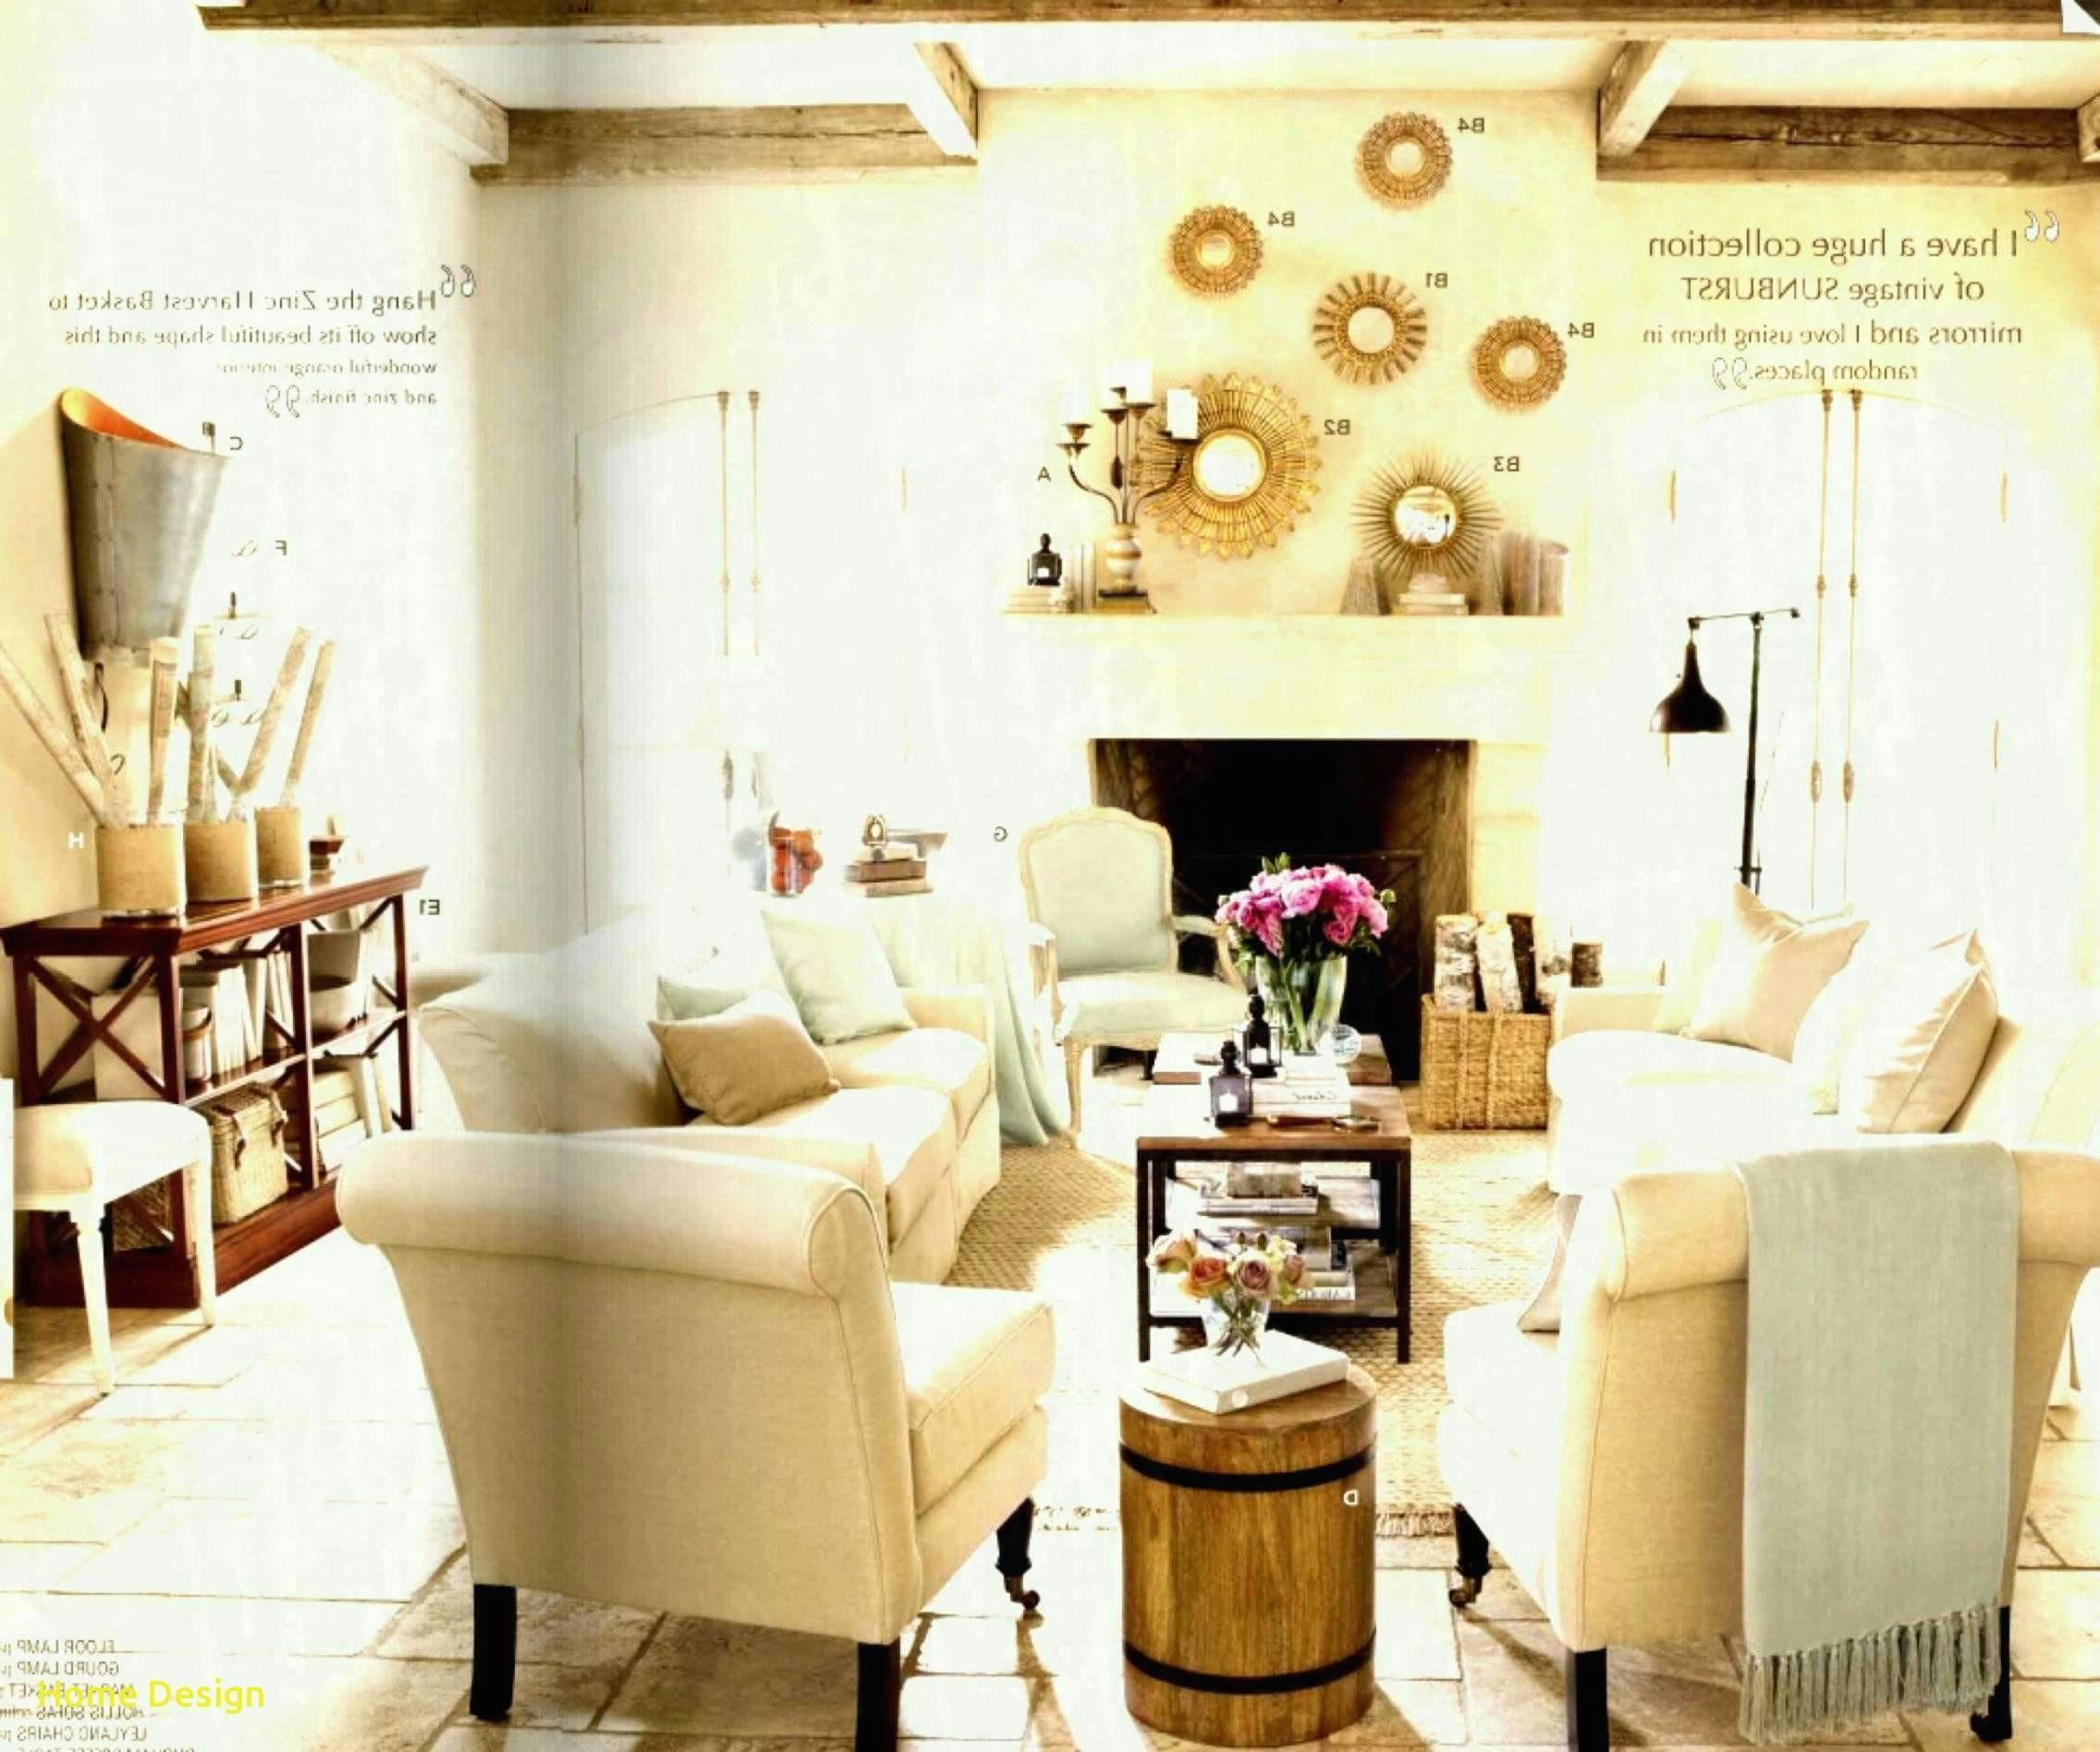 retro wohnzimmer elegant retro decoration ideas beautiful elegant wohnzimmer retro at of retro wohnzimmer jpg